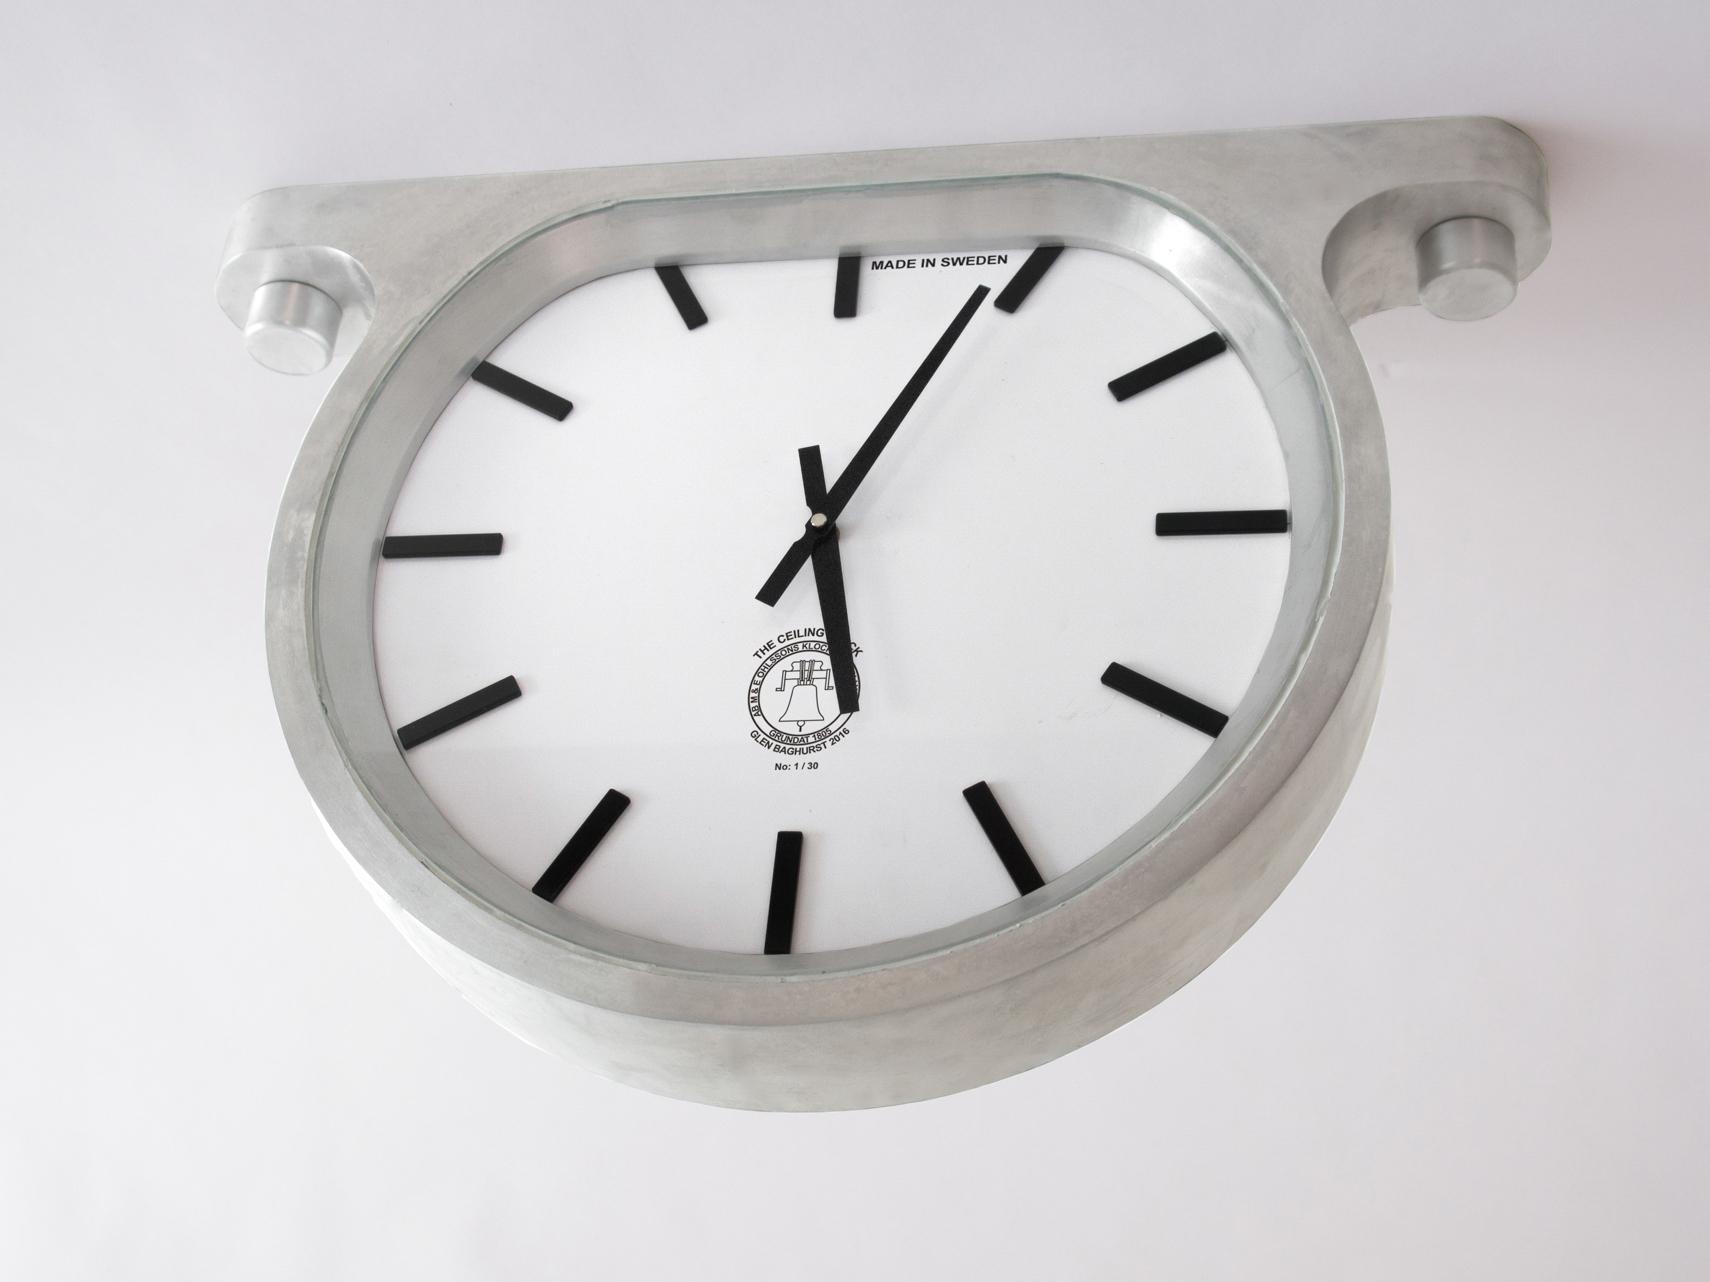 Ceiling_Clock_GlenBaghurst (3 of 14).jpg